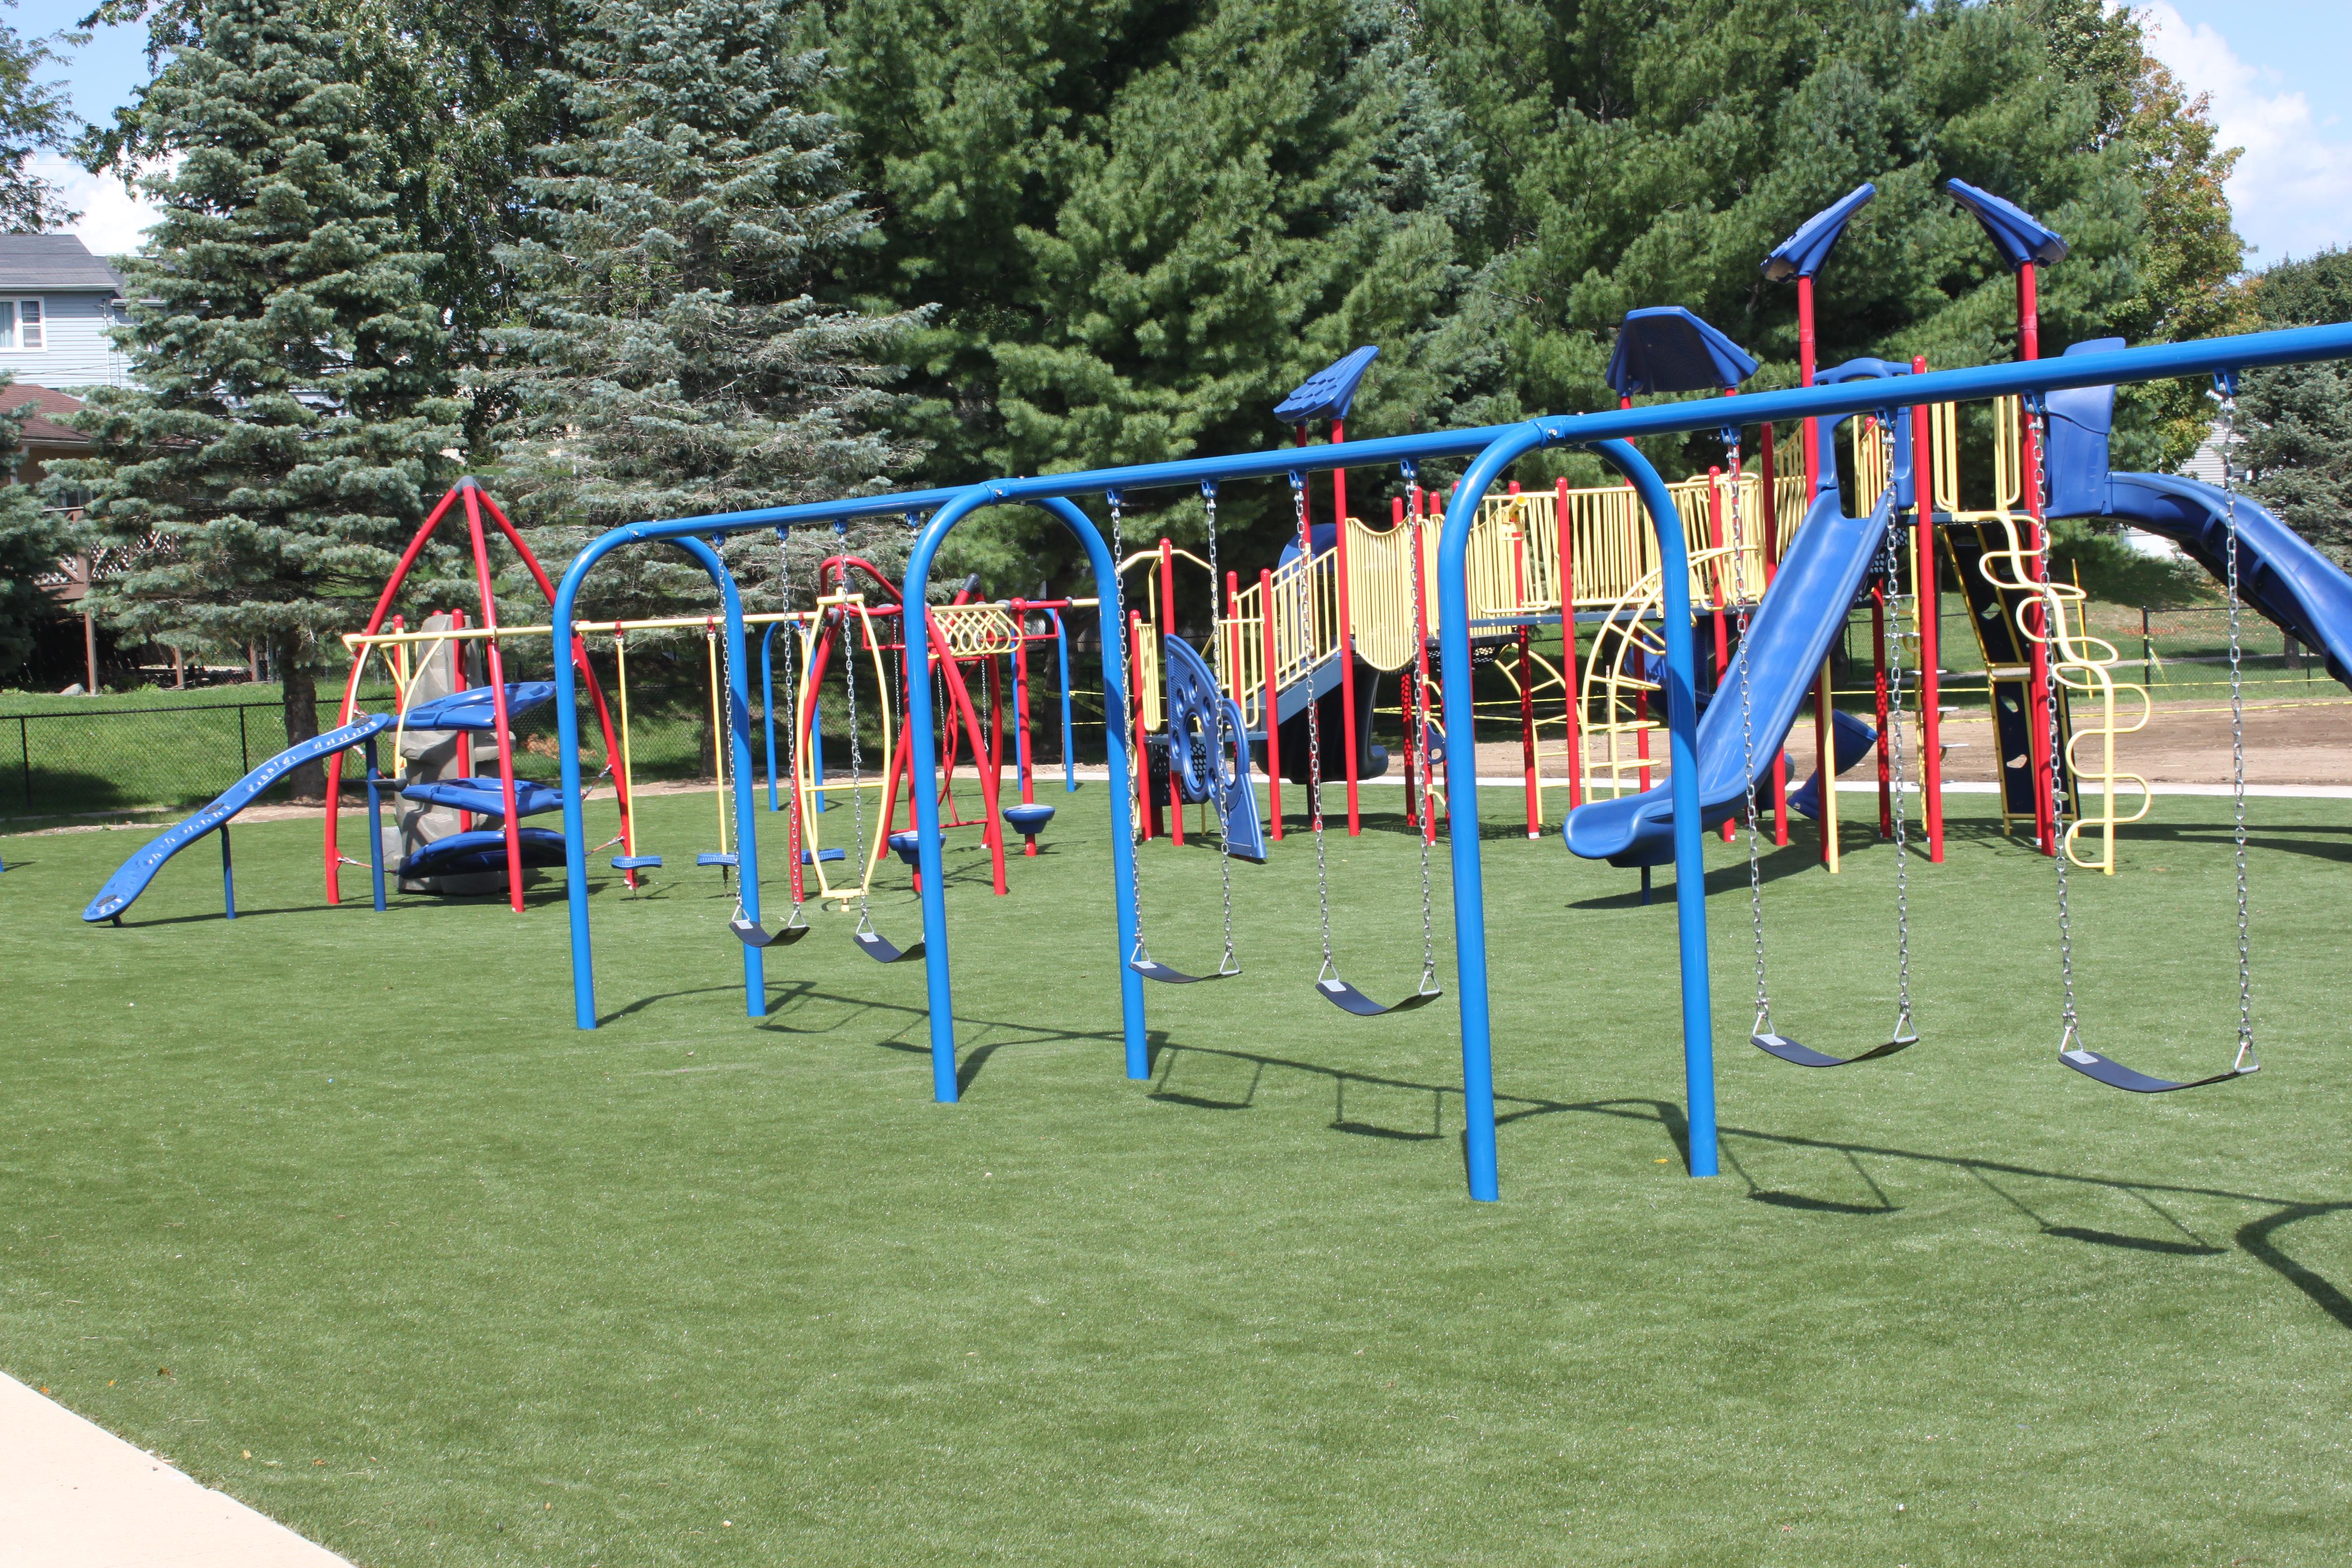 SHE - New Playground